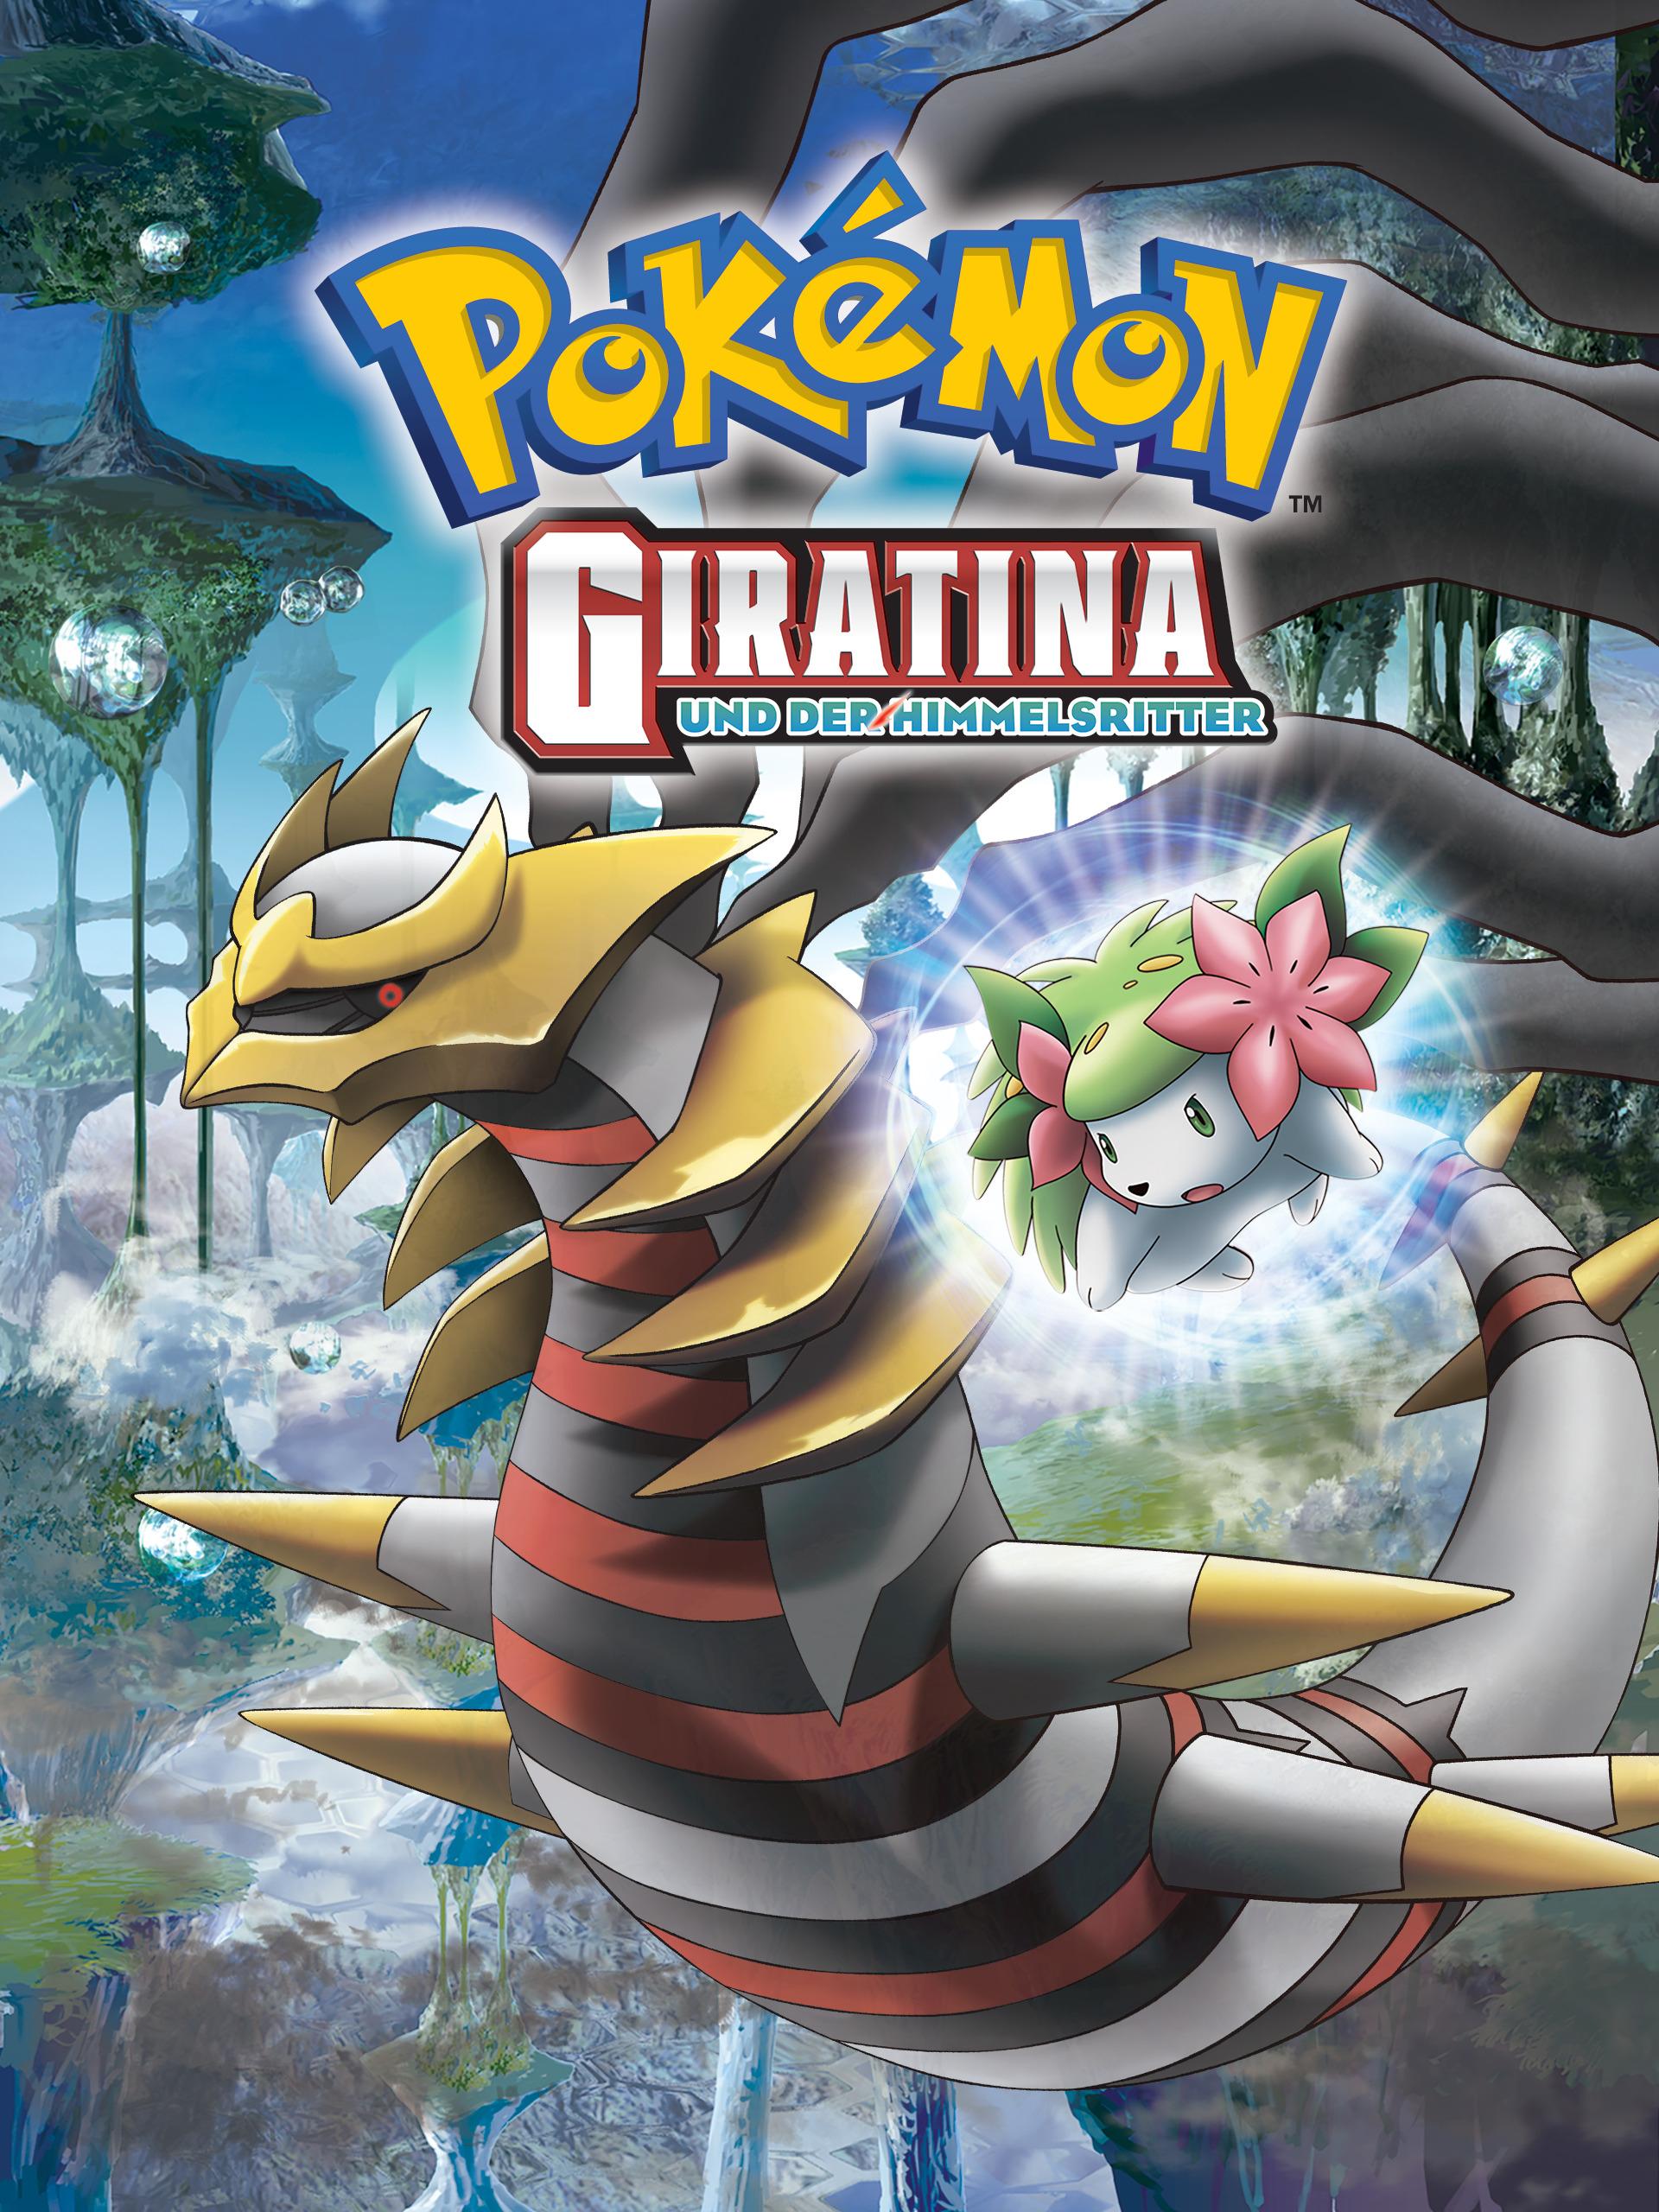 Pokémon: Giratina und der Himmelsritter (2008, Film 11) kostenlos im Stream [PokémonTV]